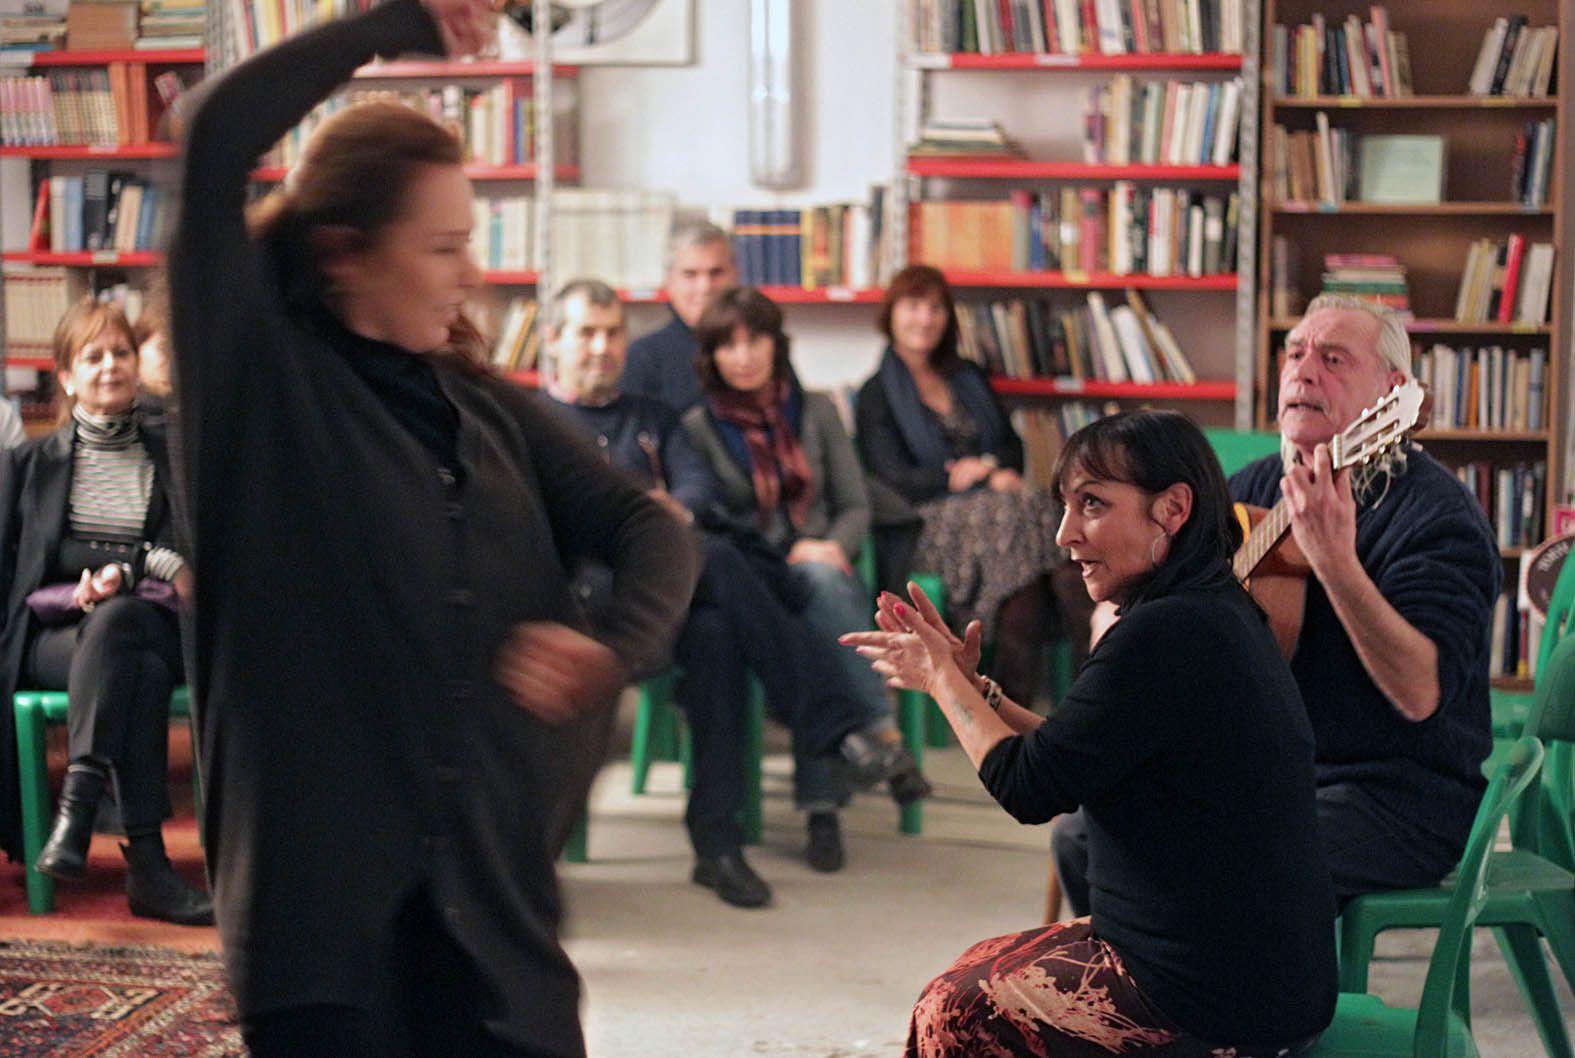 Una lezione di flamenco nella biblioteca (Jpeg Fotoservizi)